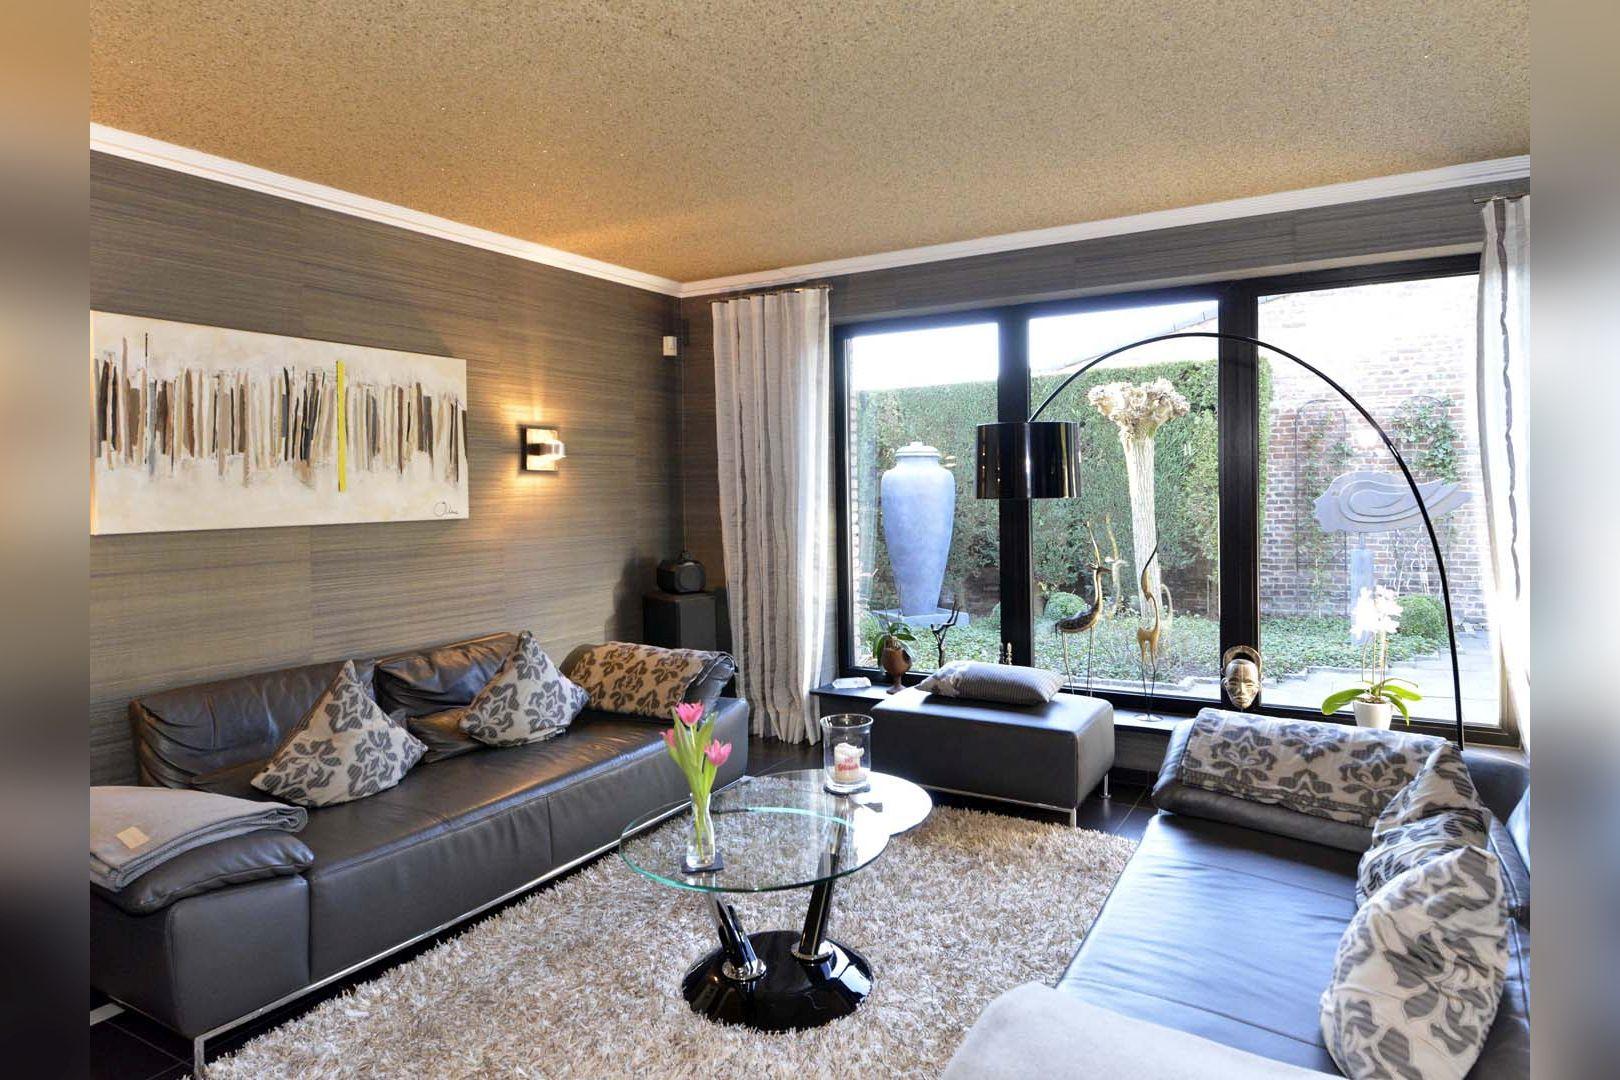 Immobilie Nr.0249 | Am Rosskamp 4, 40668 Meerbusch - Lank